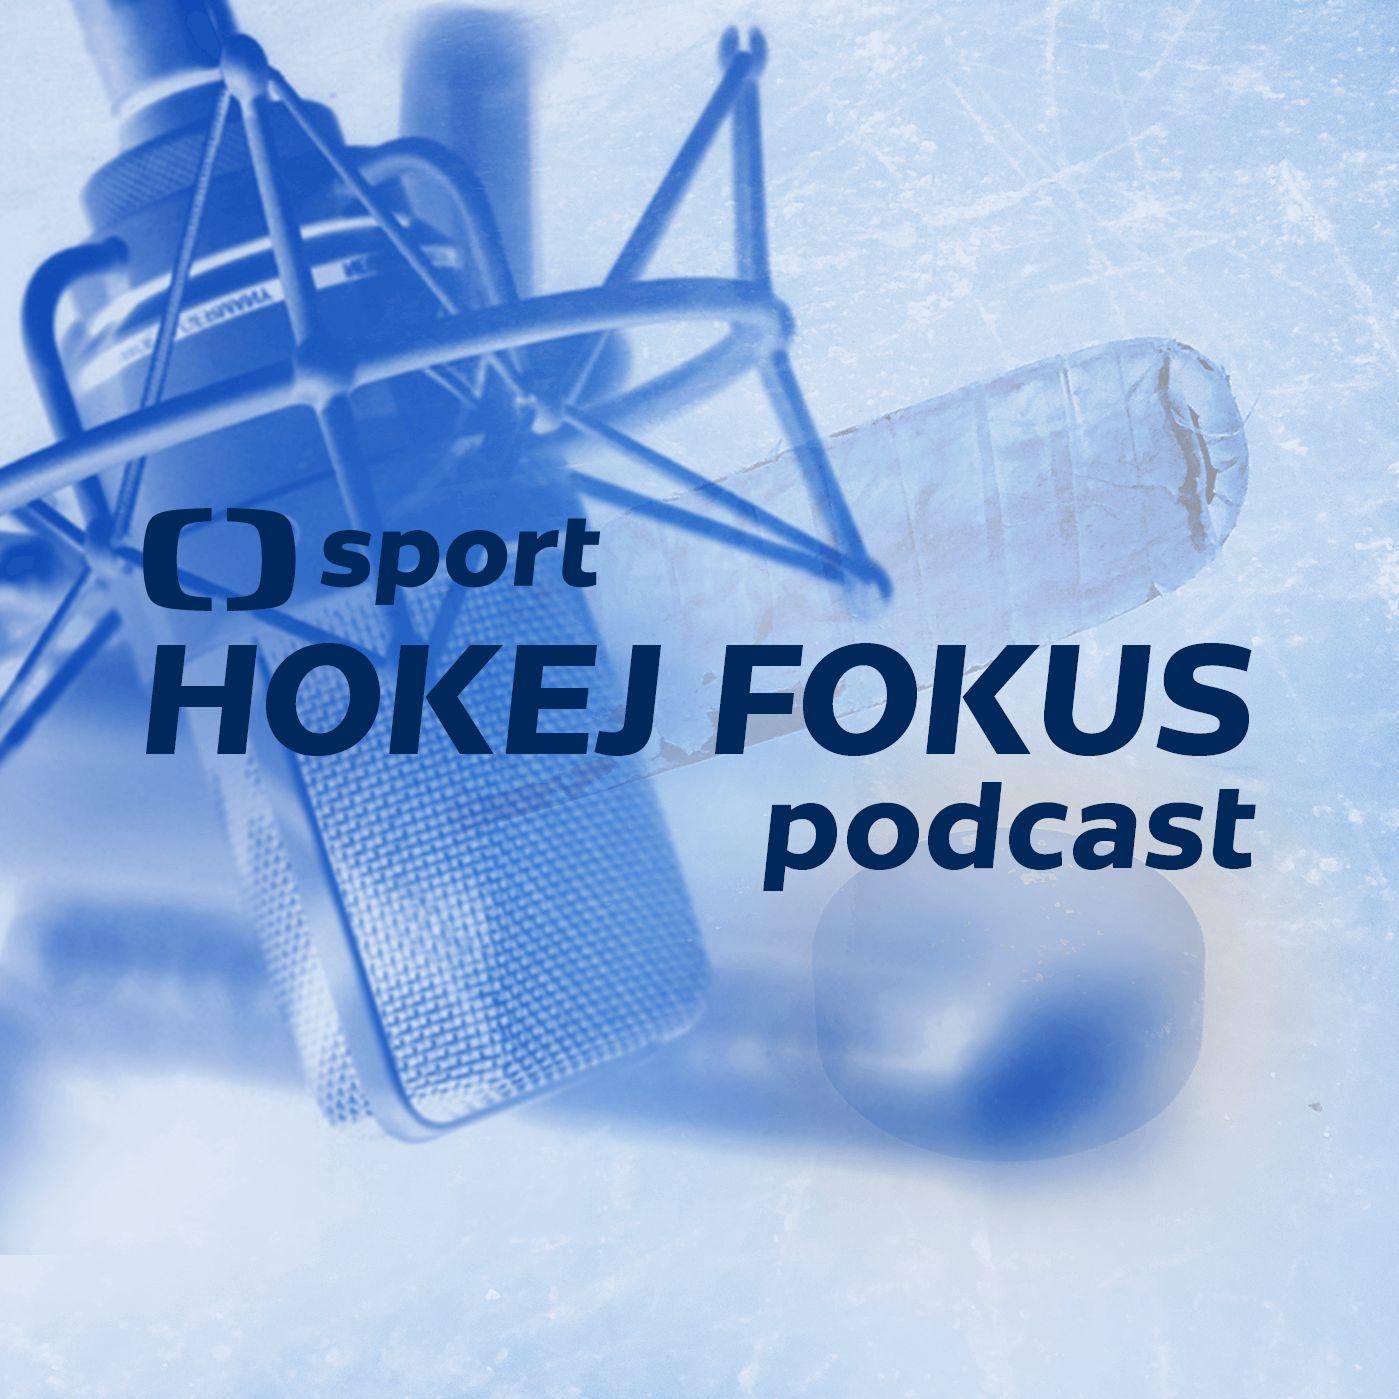 Hokej fokus podcast: V čem momentálně zaostává český hokej za Švýcarskem?